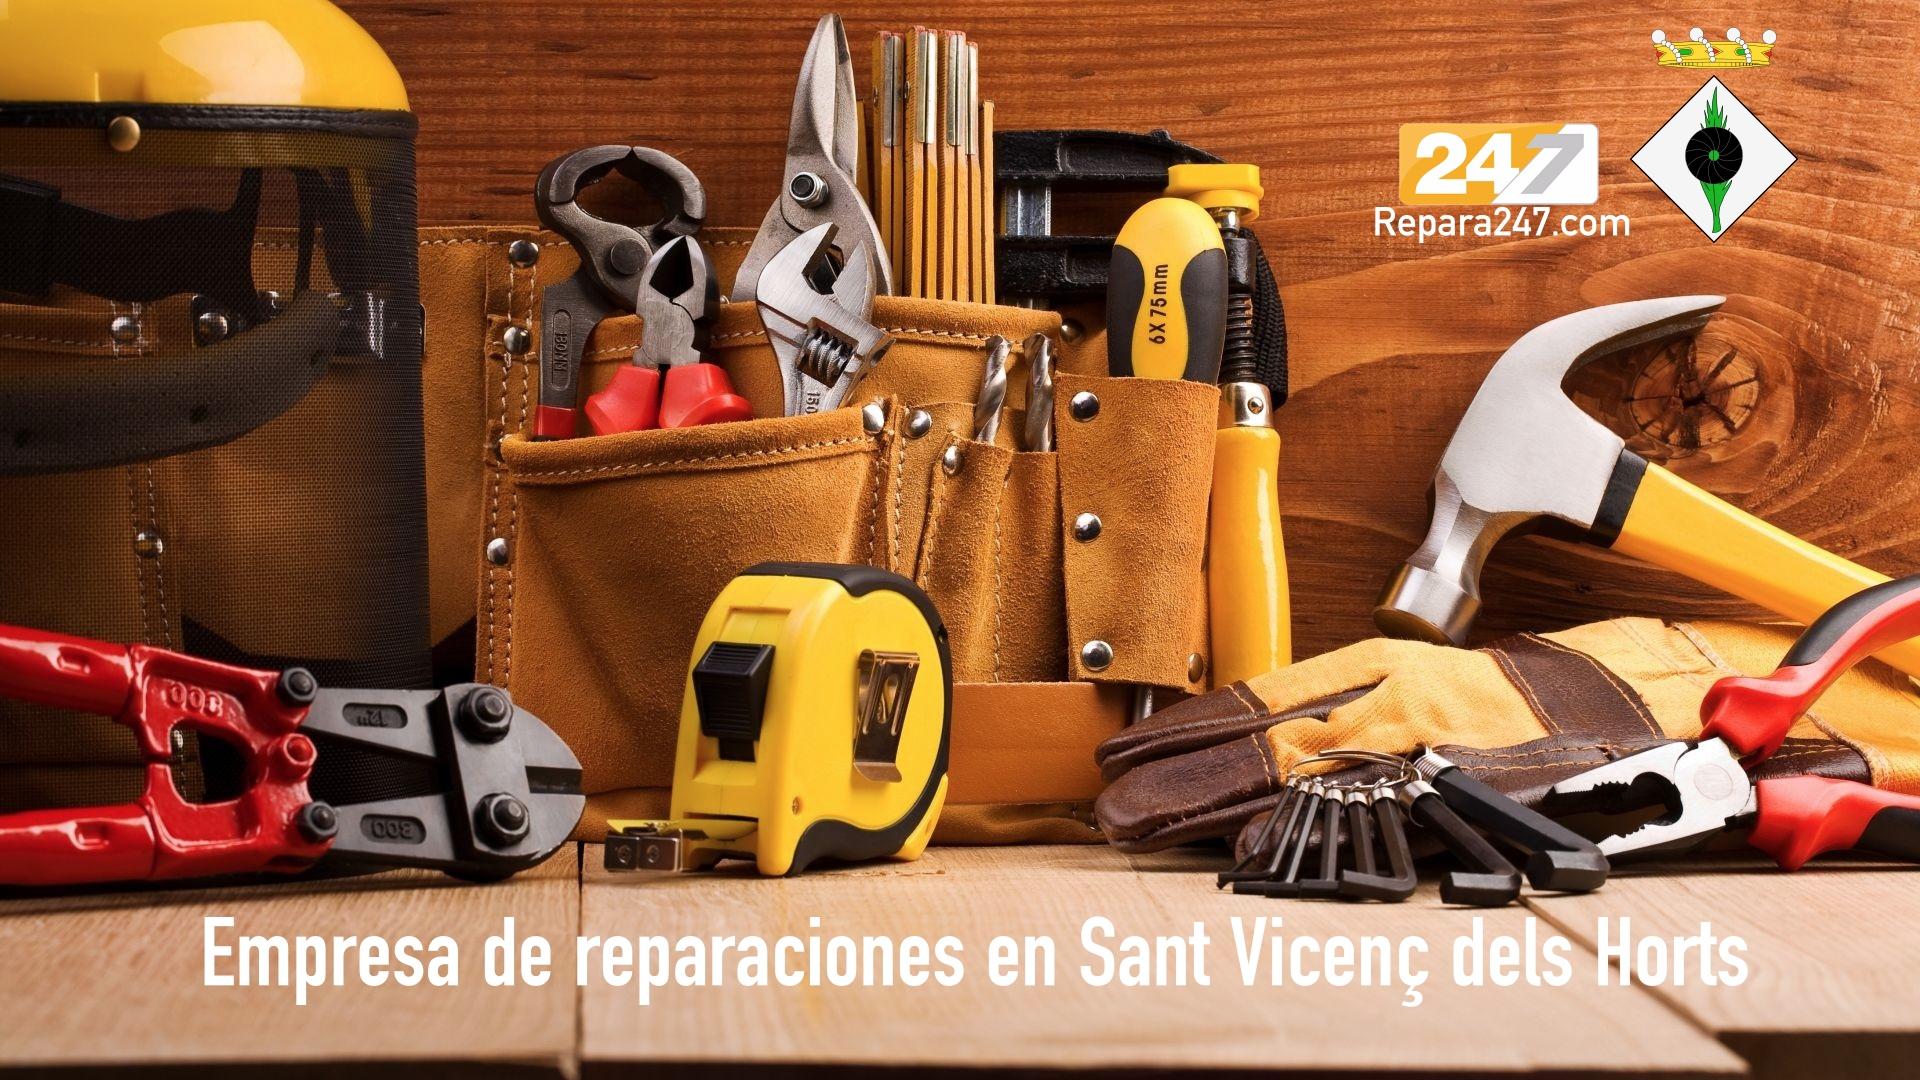 Empresa de reparaciones en Sant Vicenç dels Horts